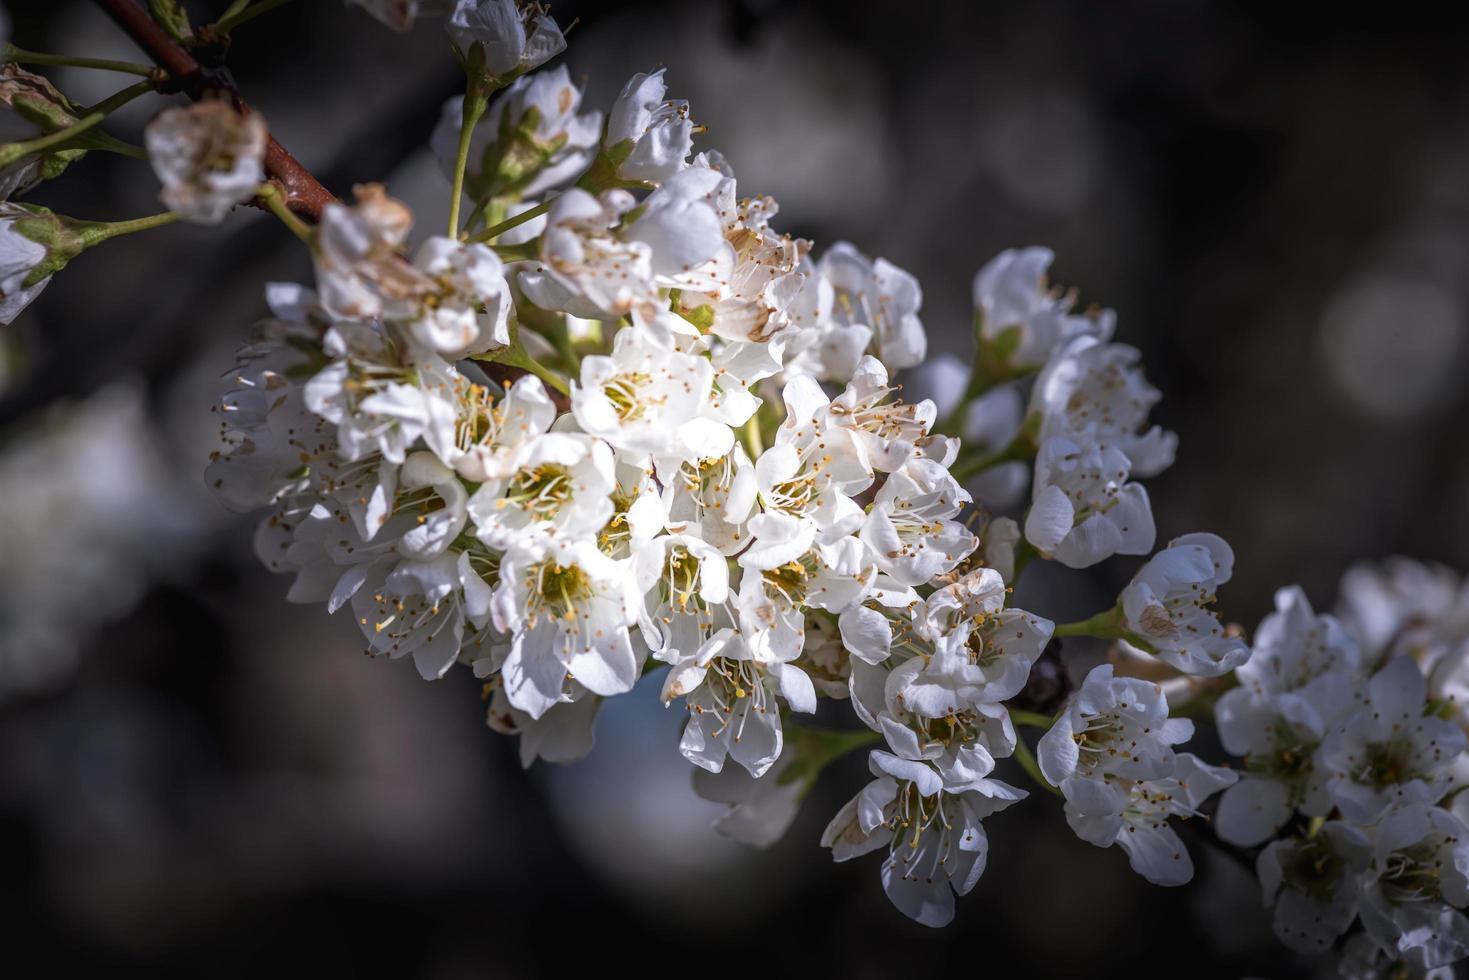 rama de árbol frutal floreciente foto